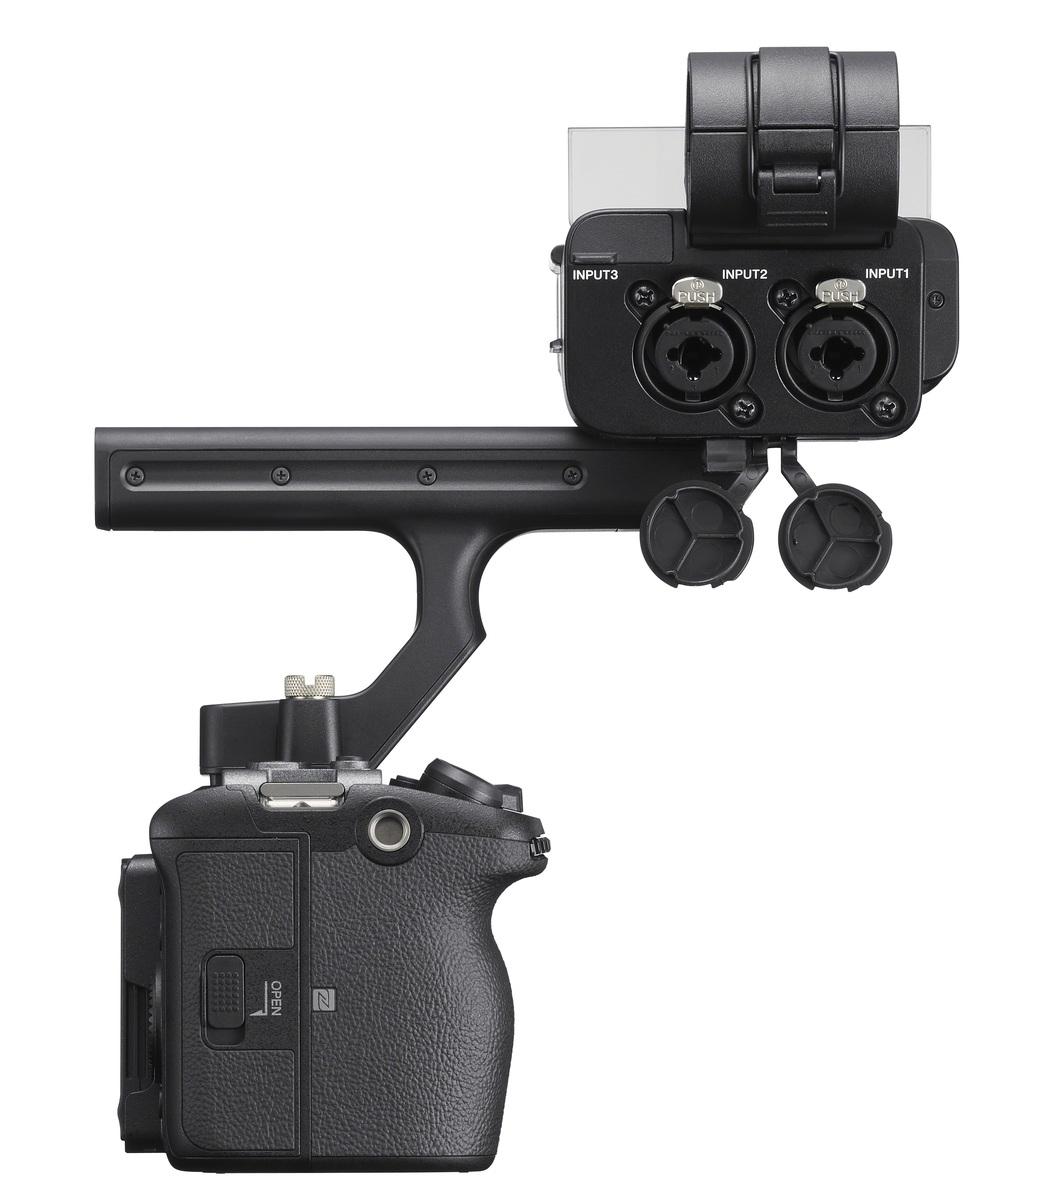 Sony Alpha ILME-FX3 Gehäuse - Vollformat Cinema Line Kamera + GRATIS 3 Jahre Garantieverlängerung (DICARDEW3)